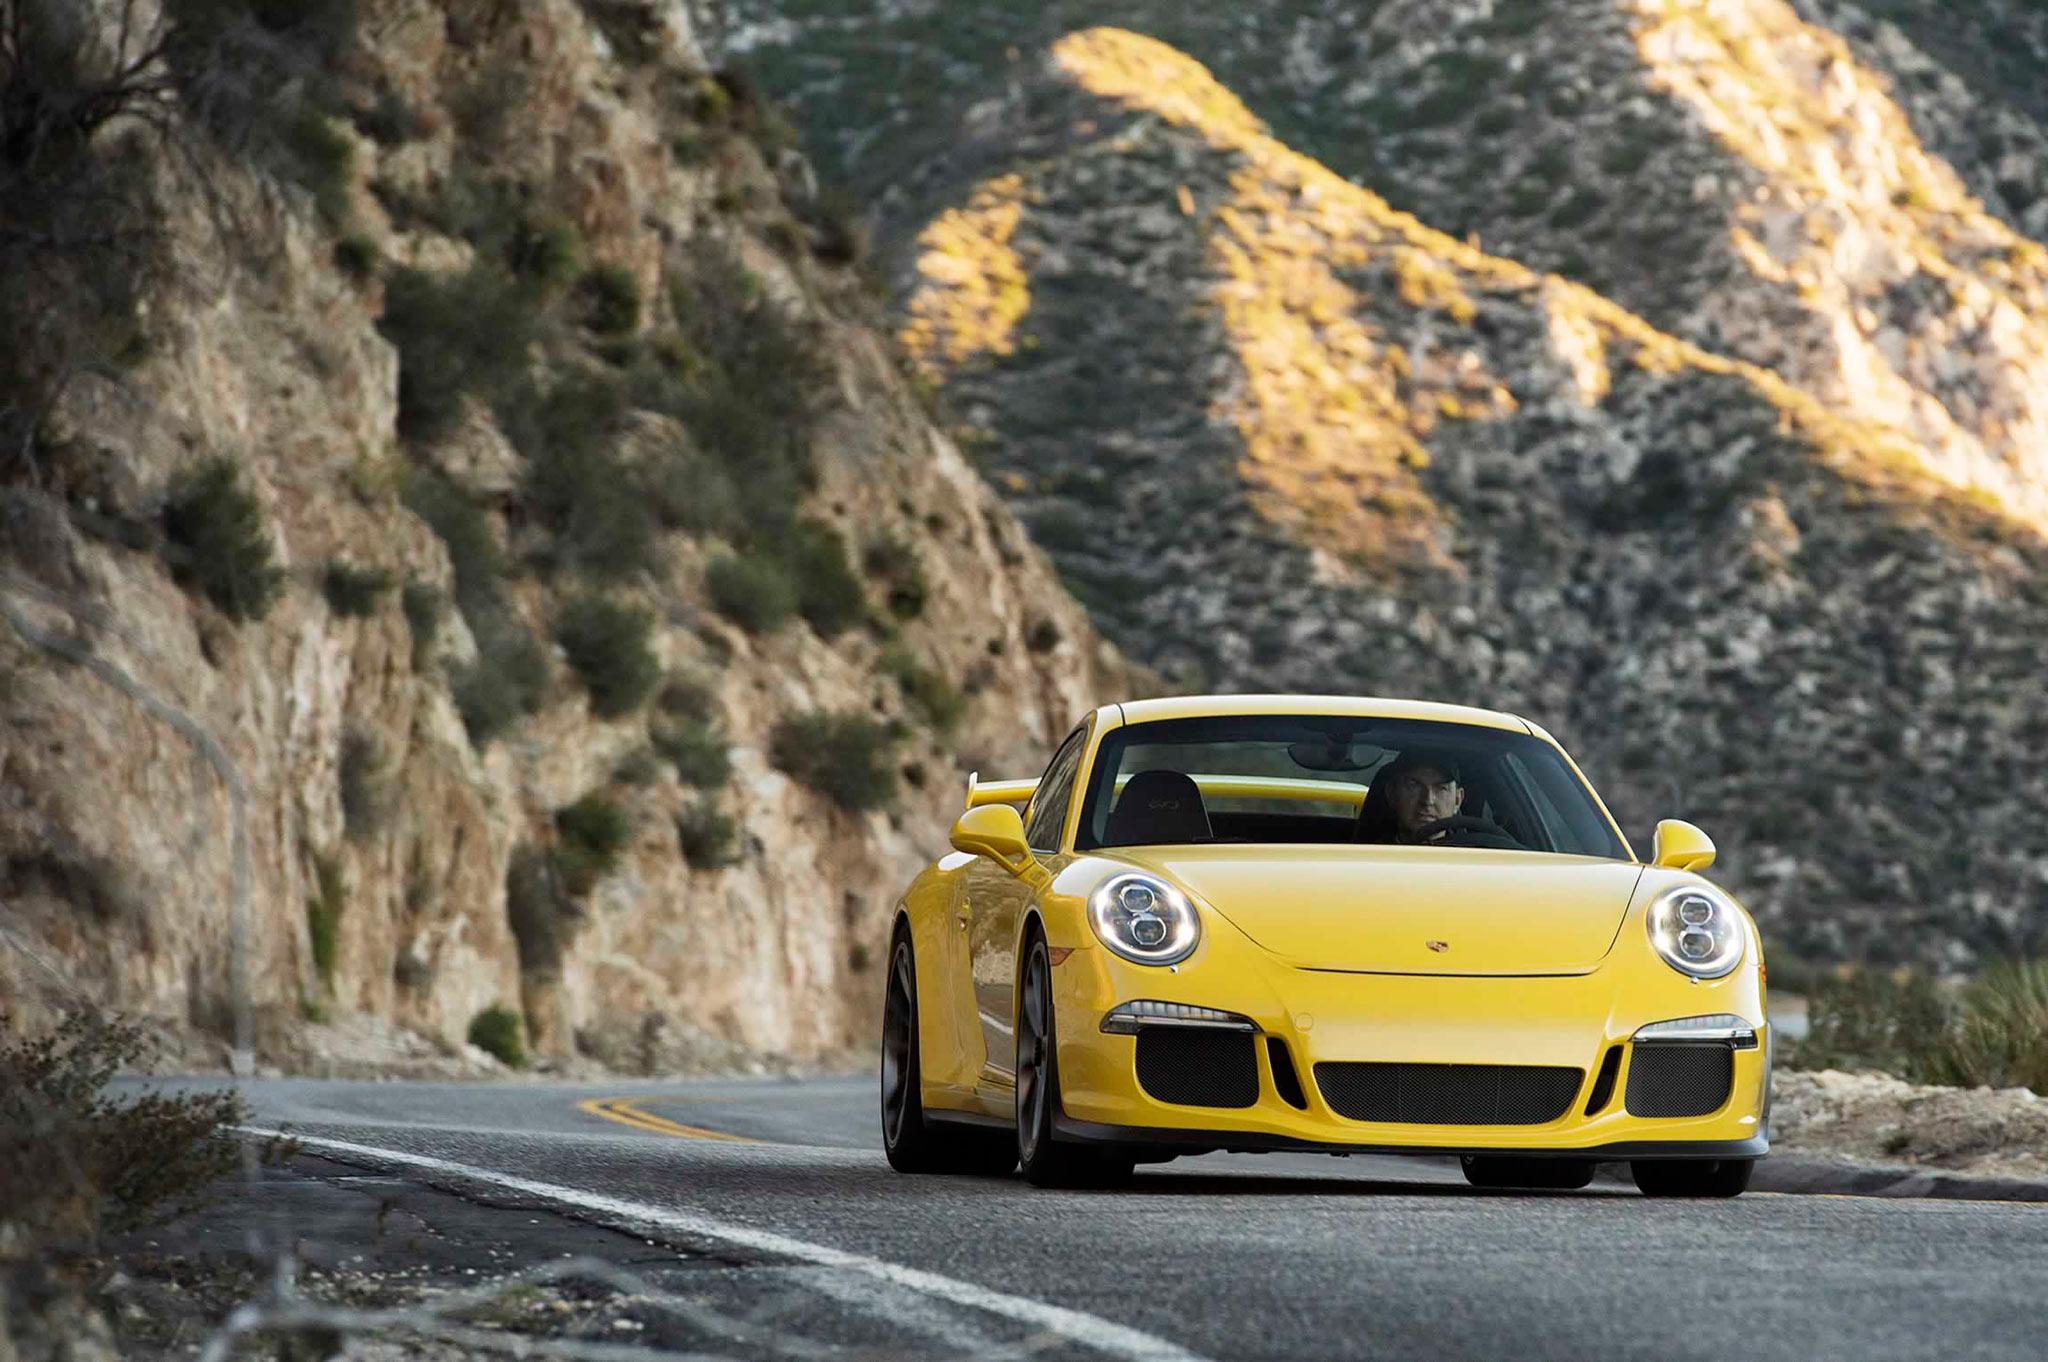 01 2015 porsche 911 gt3 review - Porsche 911 Gt3 2015